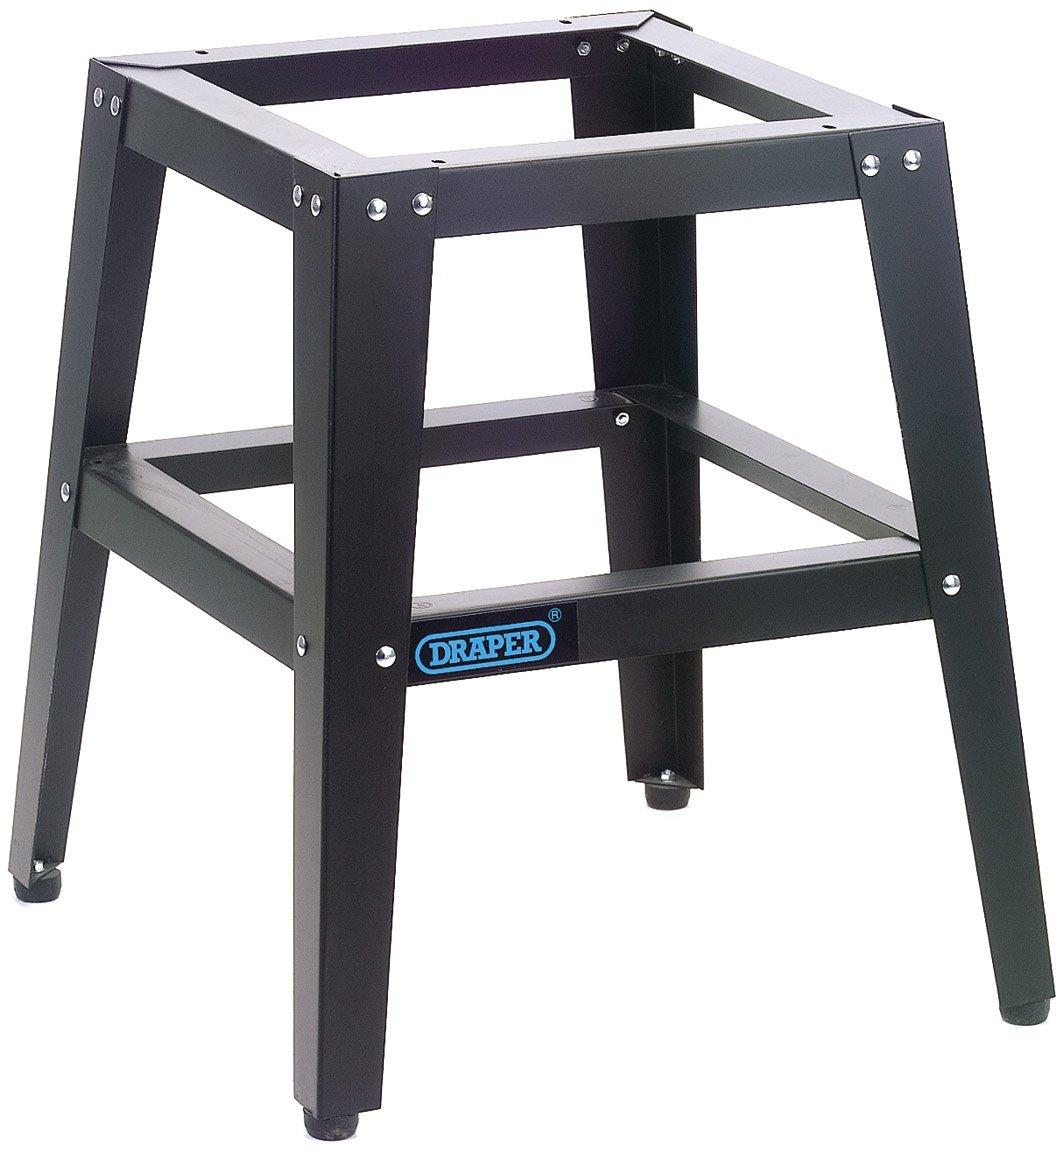 Draper 69123 Untergestell fü r Tischkreissä ge Bts252 Draper Tools Ltd.